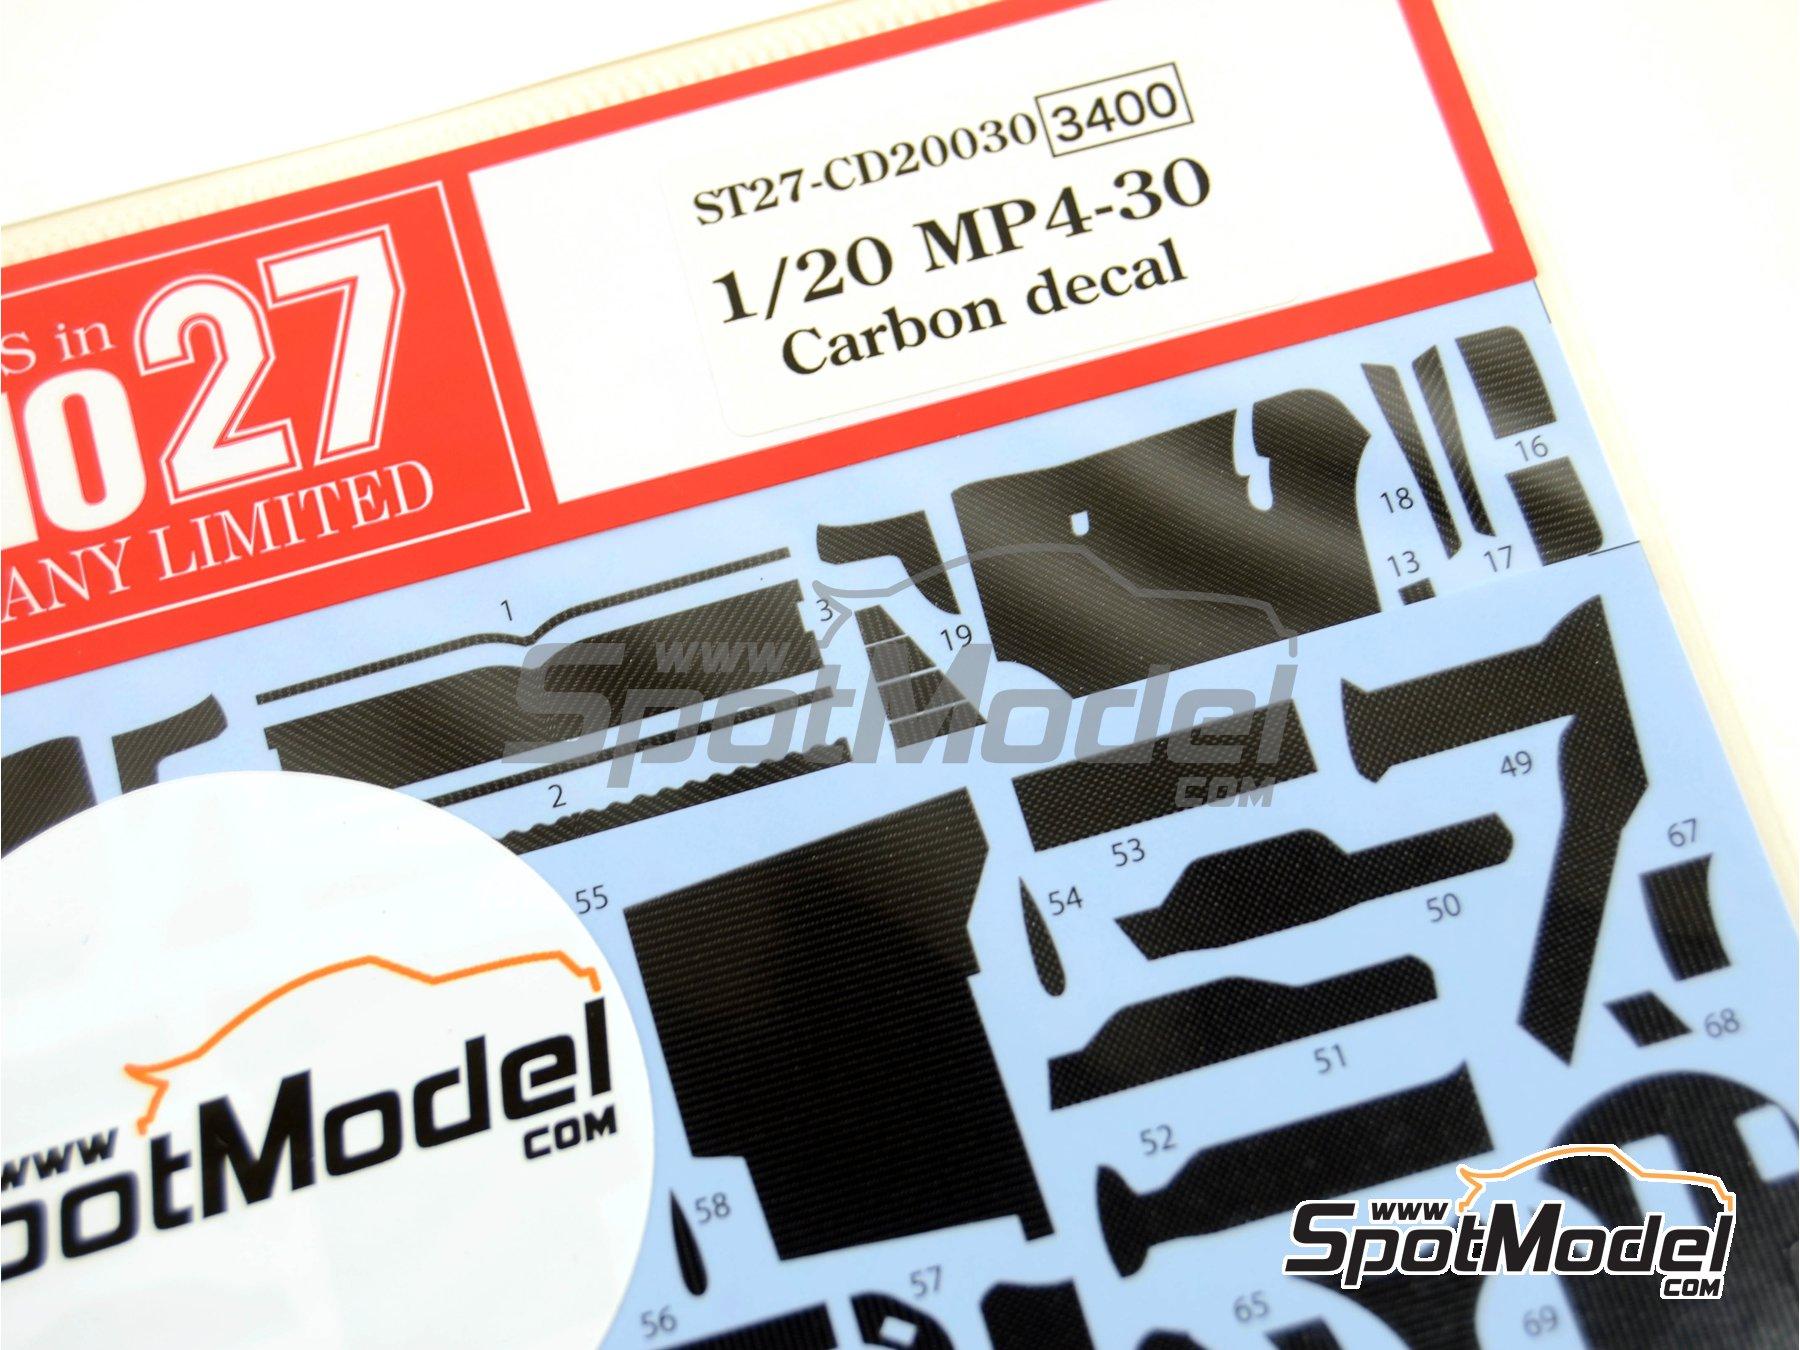 Image 3: McLaren Honda MP4/30 Mobil1 - Campeonato del Mundo de Formula1 2015 | Patron de fibra de carbono en calca en escala1/20 fabricado por Studio27 (ref.ST27-CD20030)